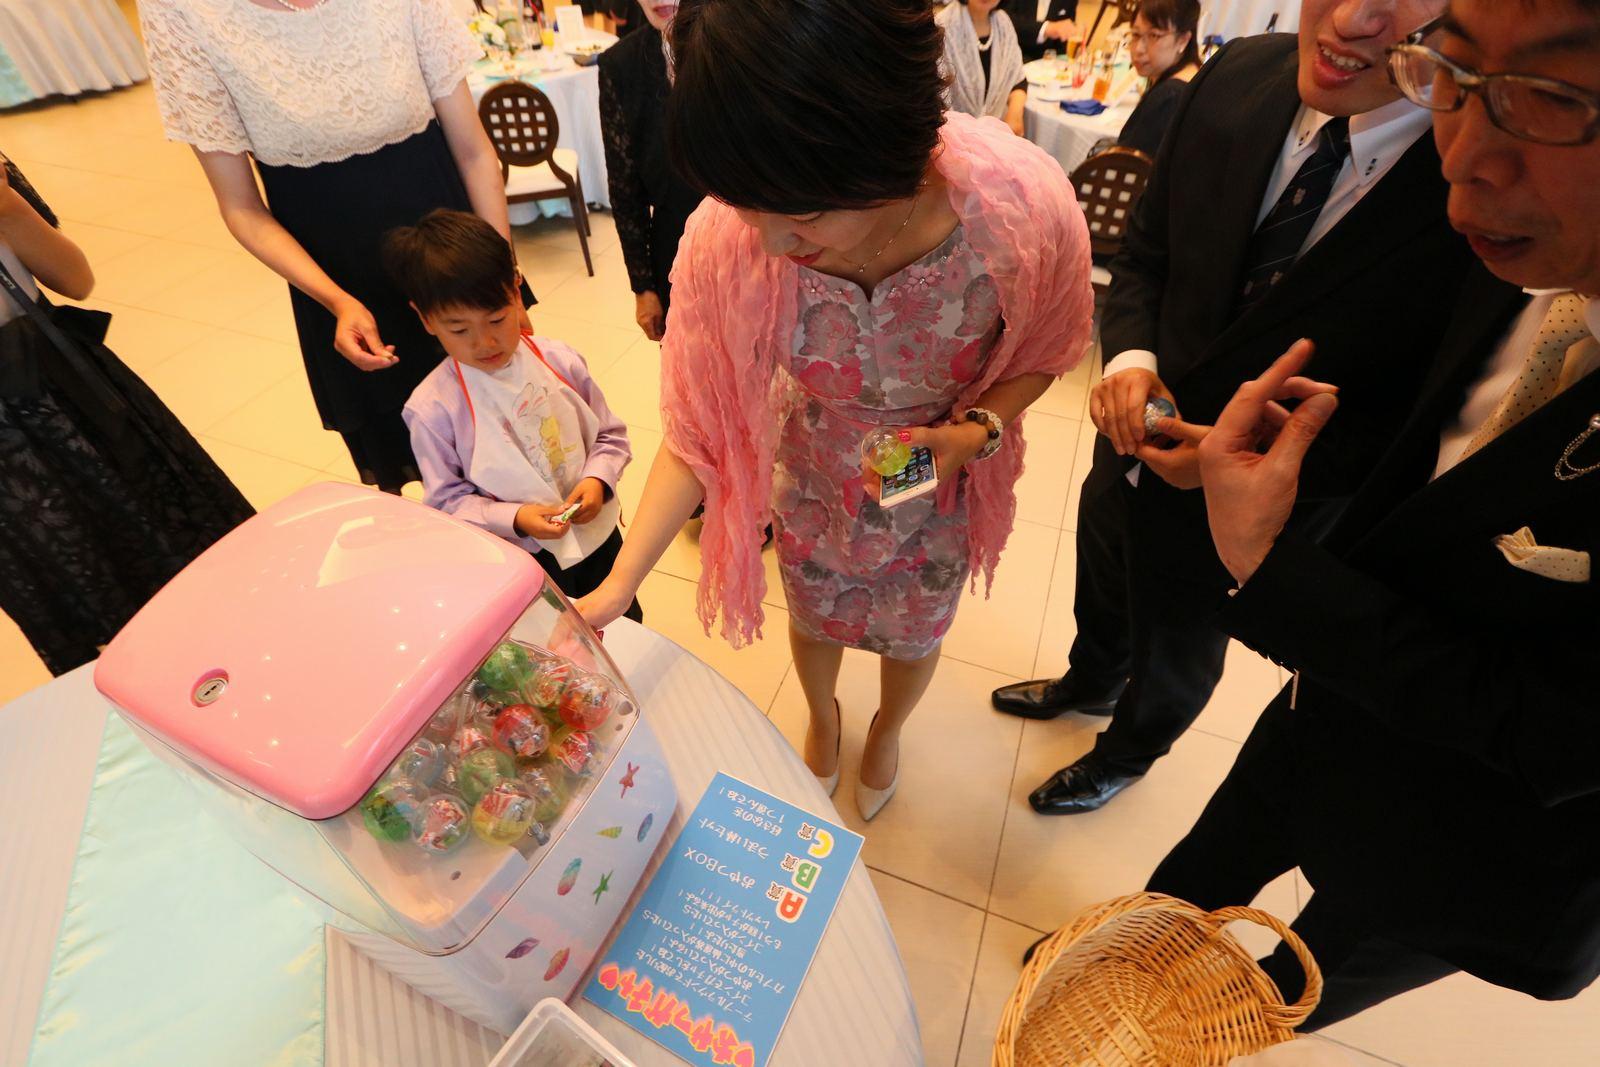 徳島市の結婚式場ブランアンジュでゲストも楽しめたオリジナルのおやつガチャ